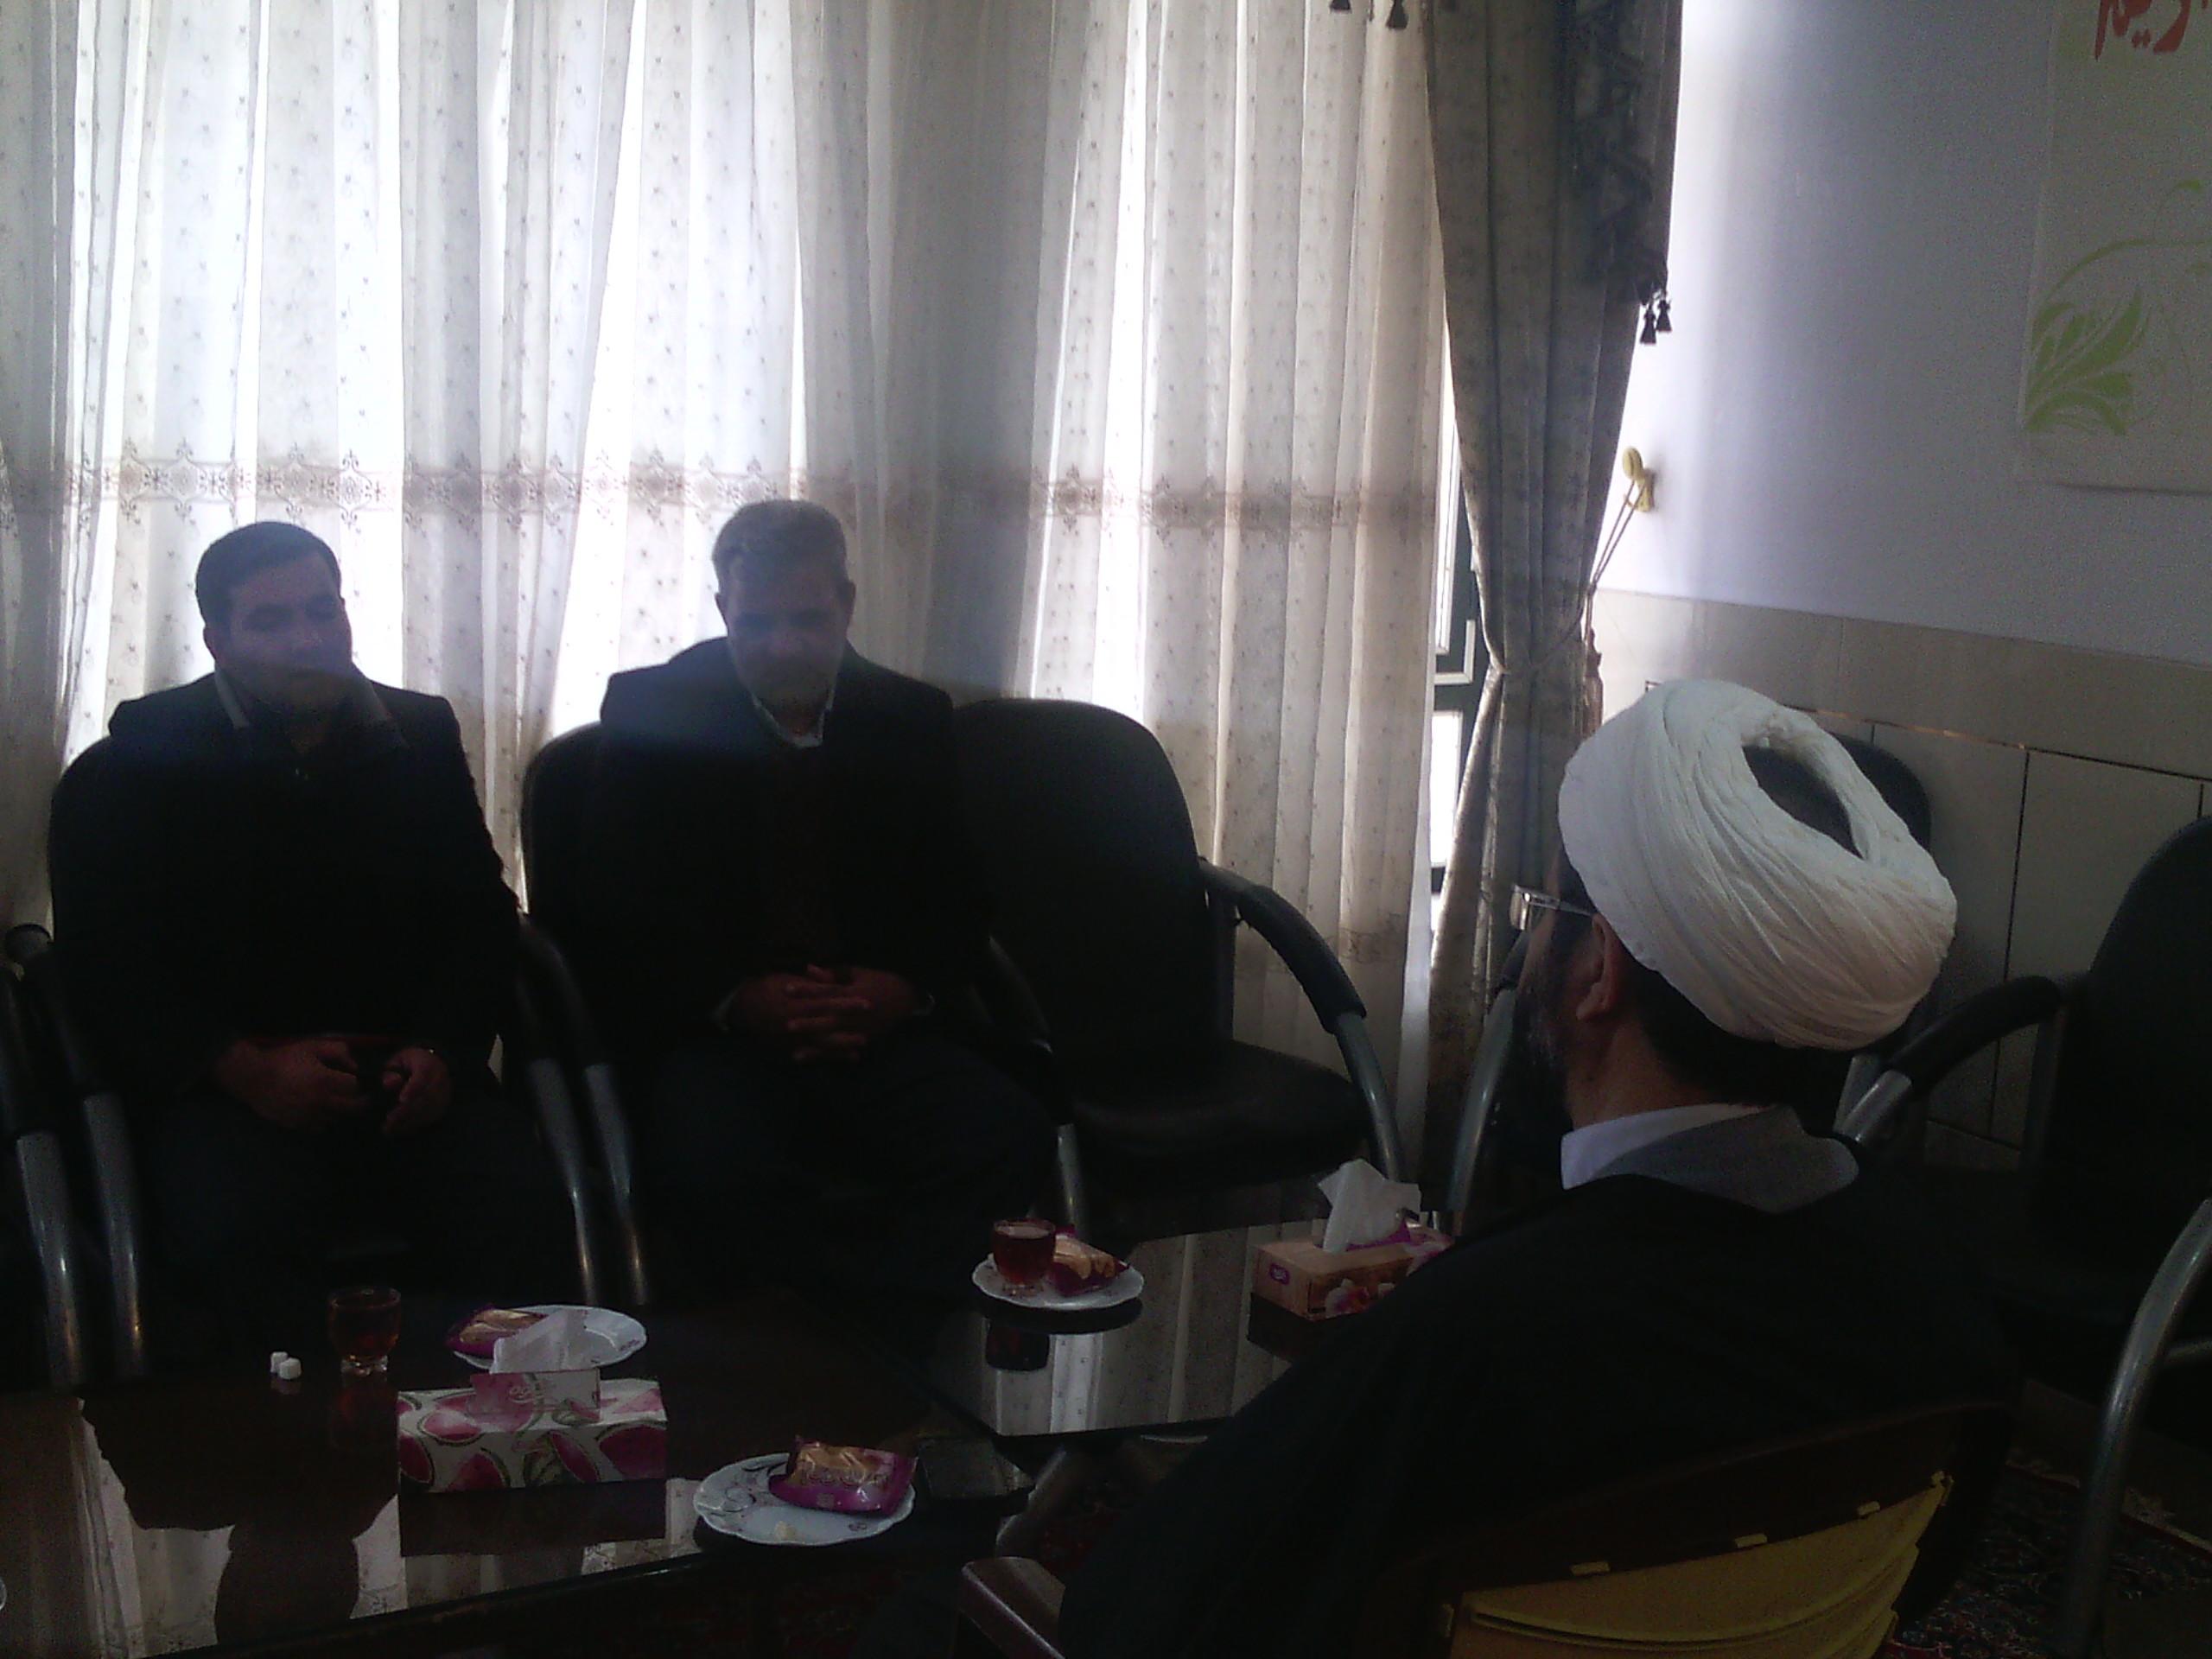 دیدار امام جمعه بخش قهدریجان با آقای حشمت و آقای صفاری از اعضای شورای هیئات مذهبی در مورد مسائل هیئت ها